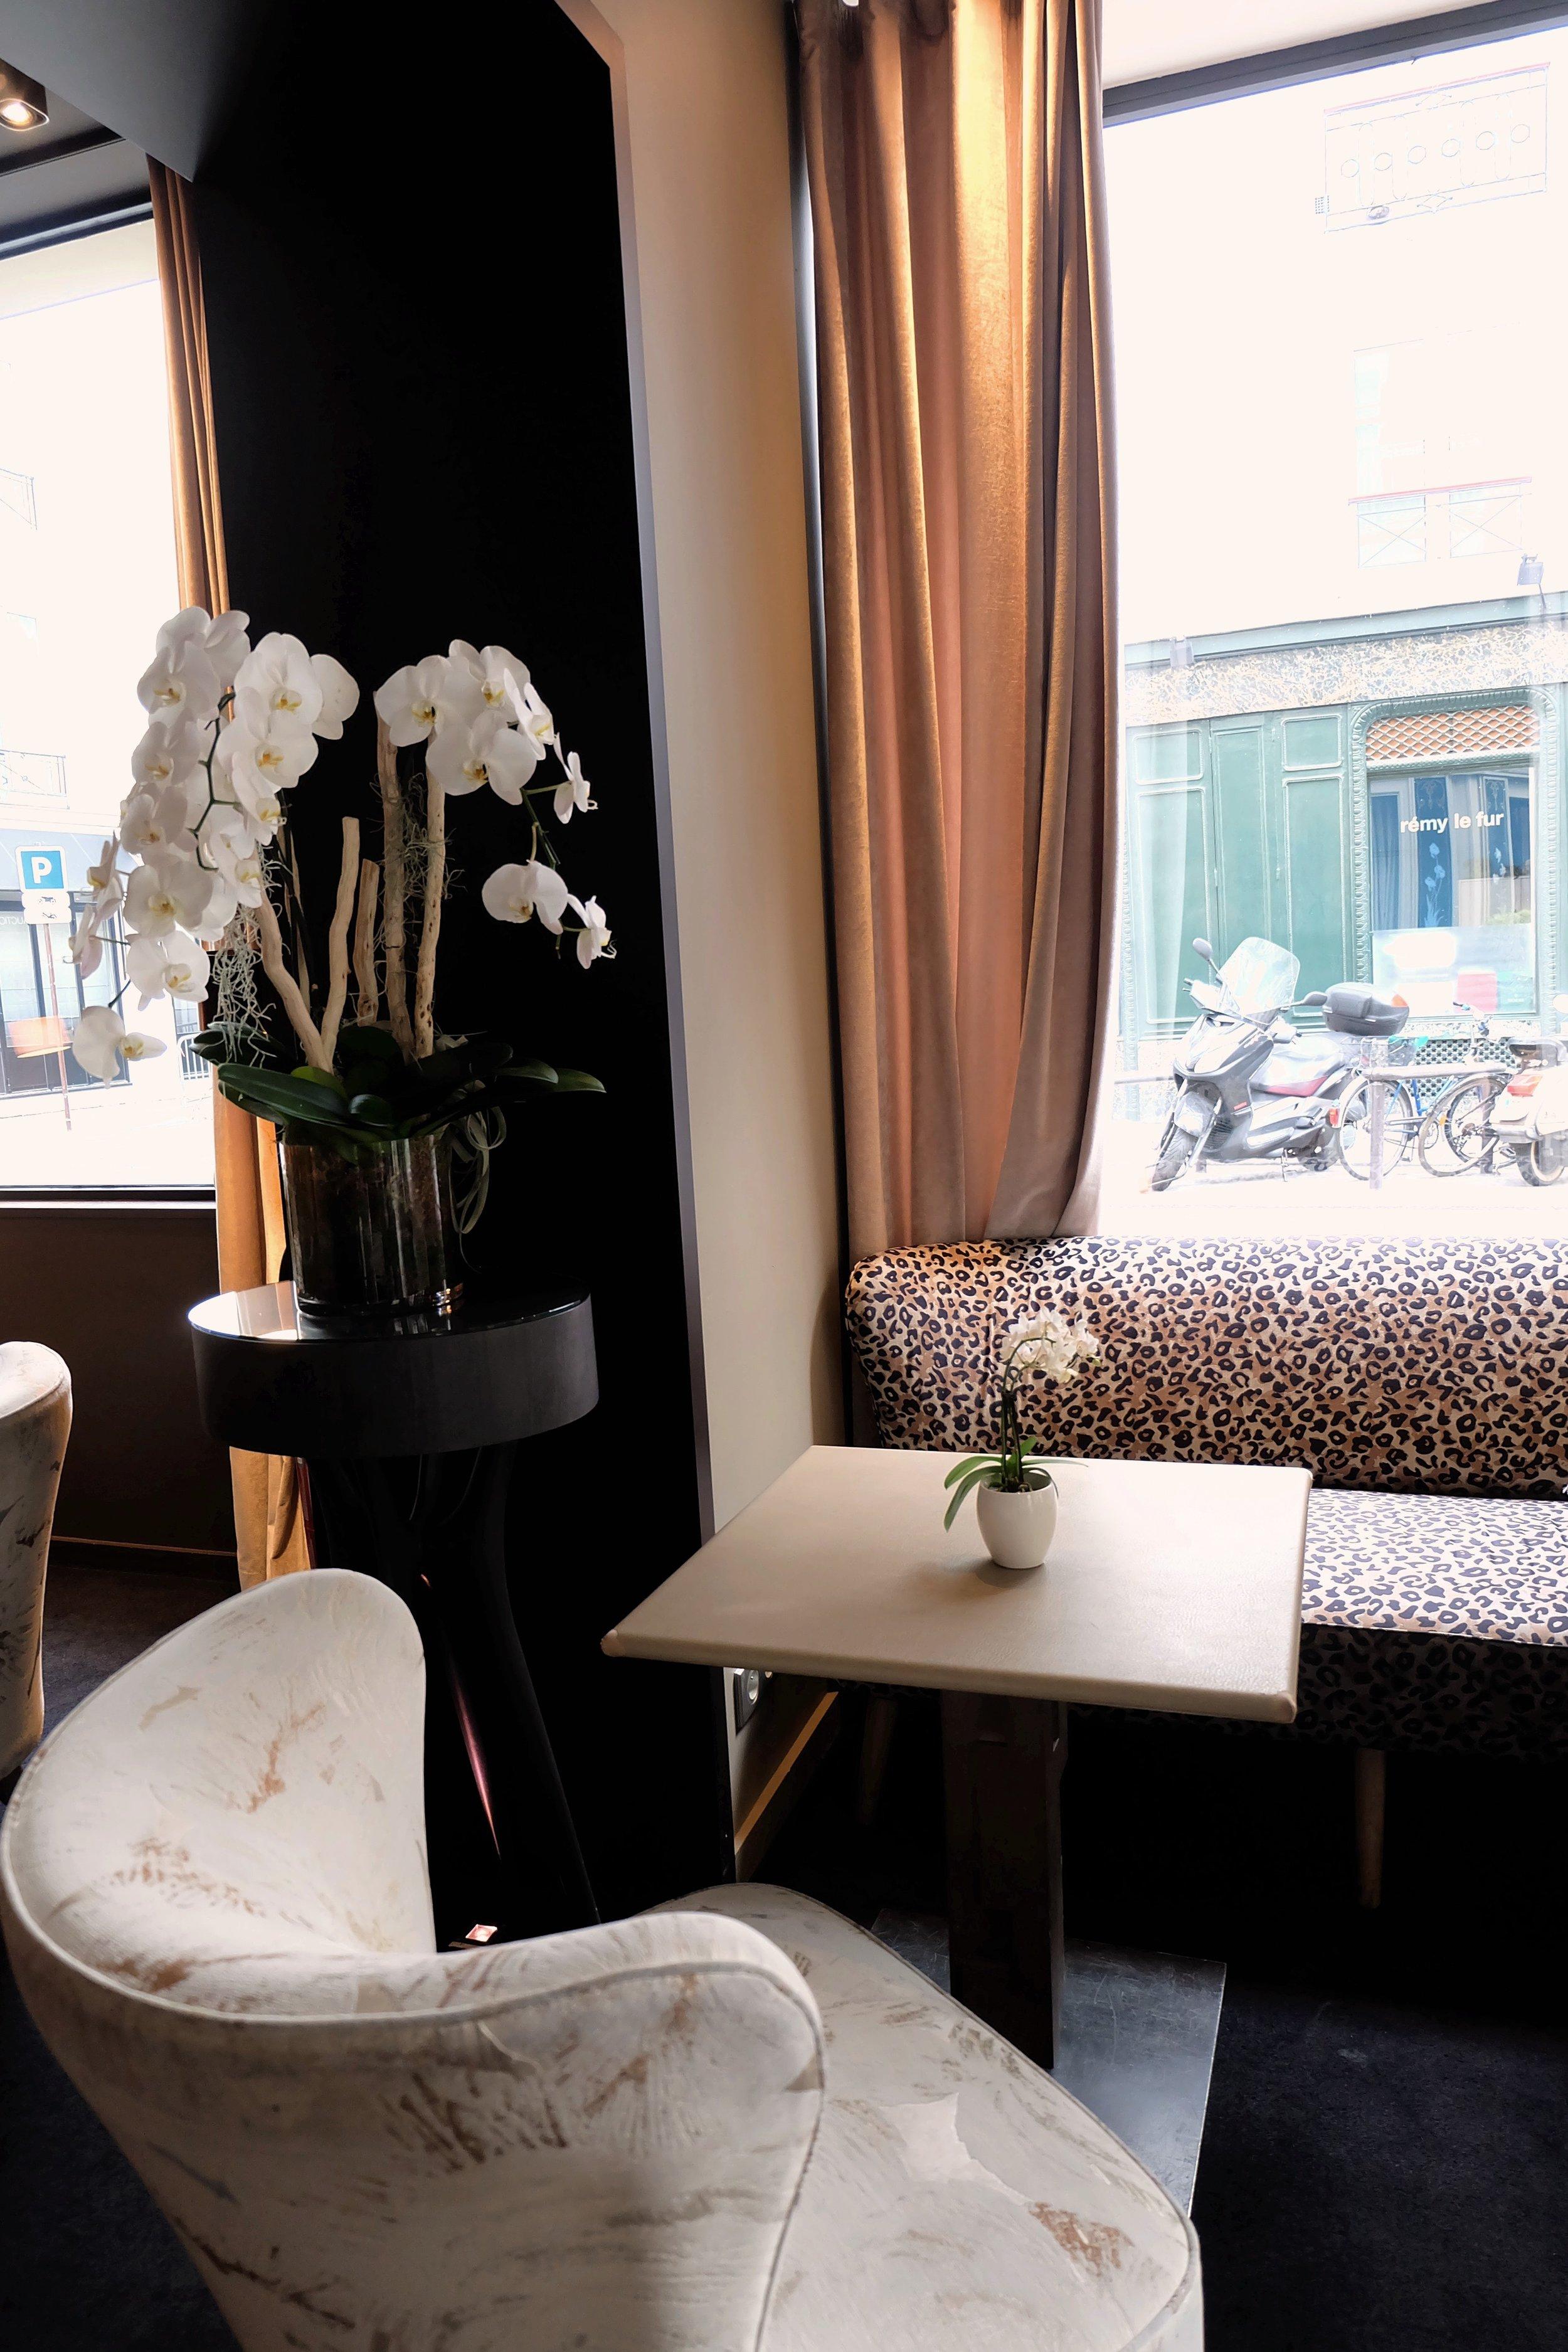 Paris hotel decor